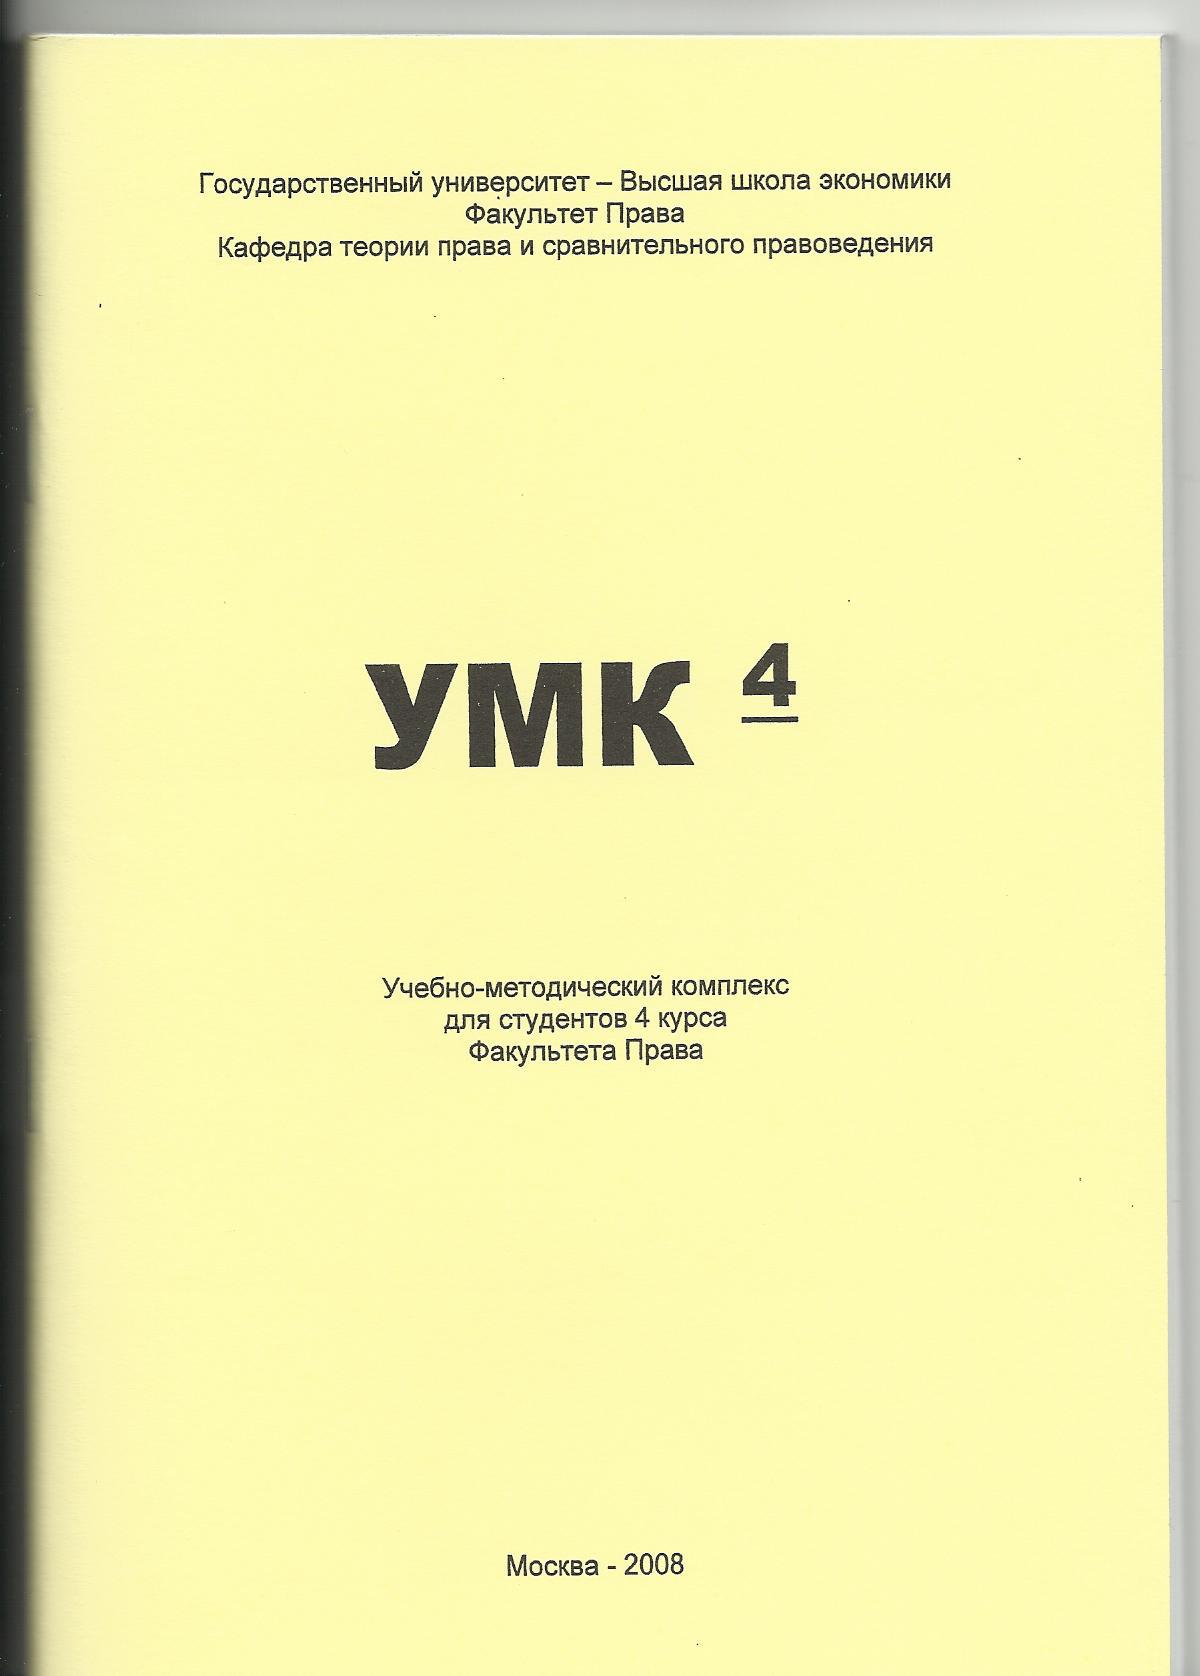 УМК-4. Учебно-методический комплекс для студентов 4 курса факультета права ГУ-ВШЭ